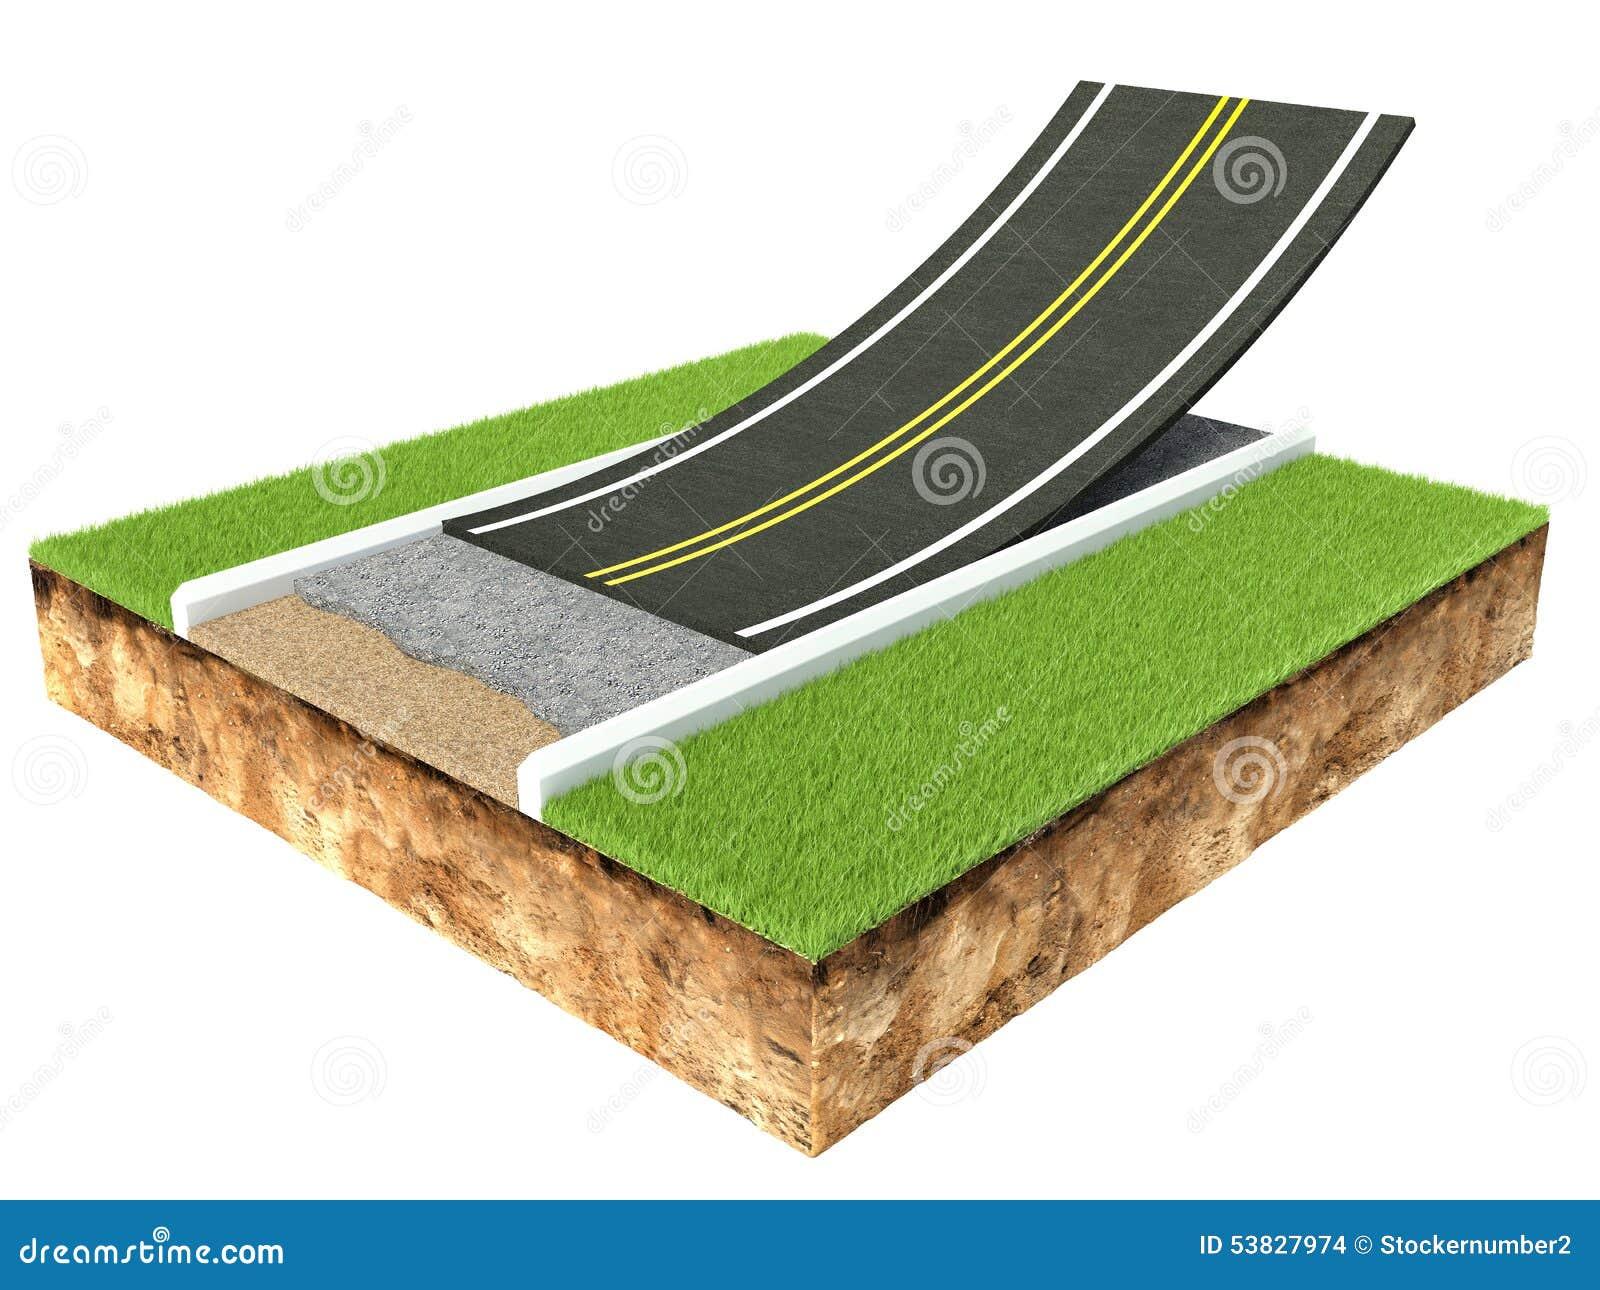 Corte transversal de pavimentación de la carretera de asfalto aislada en blanco